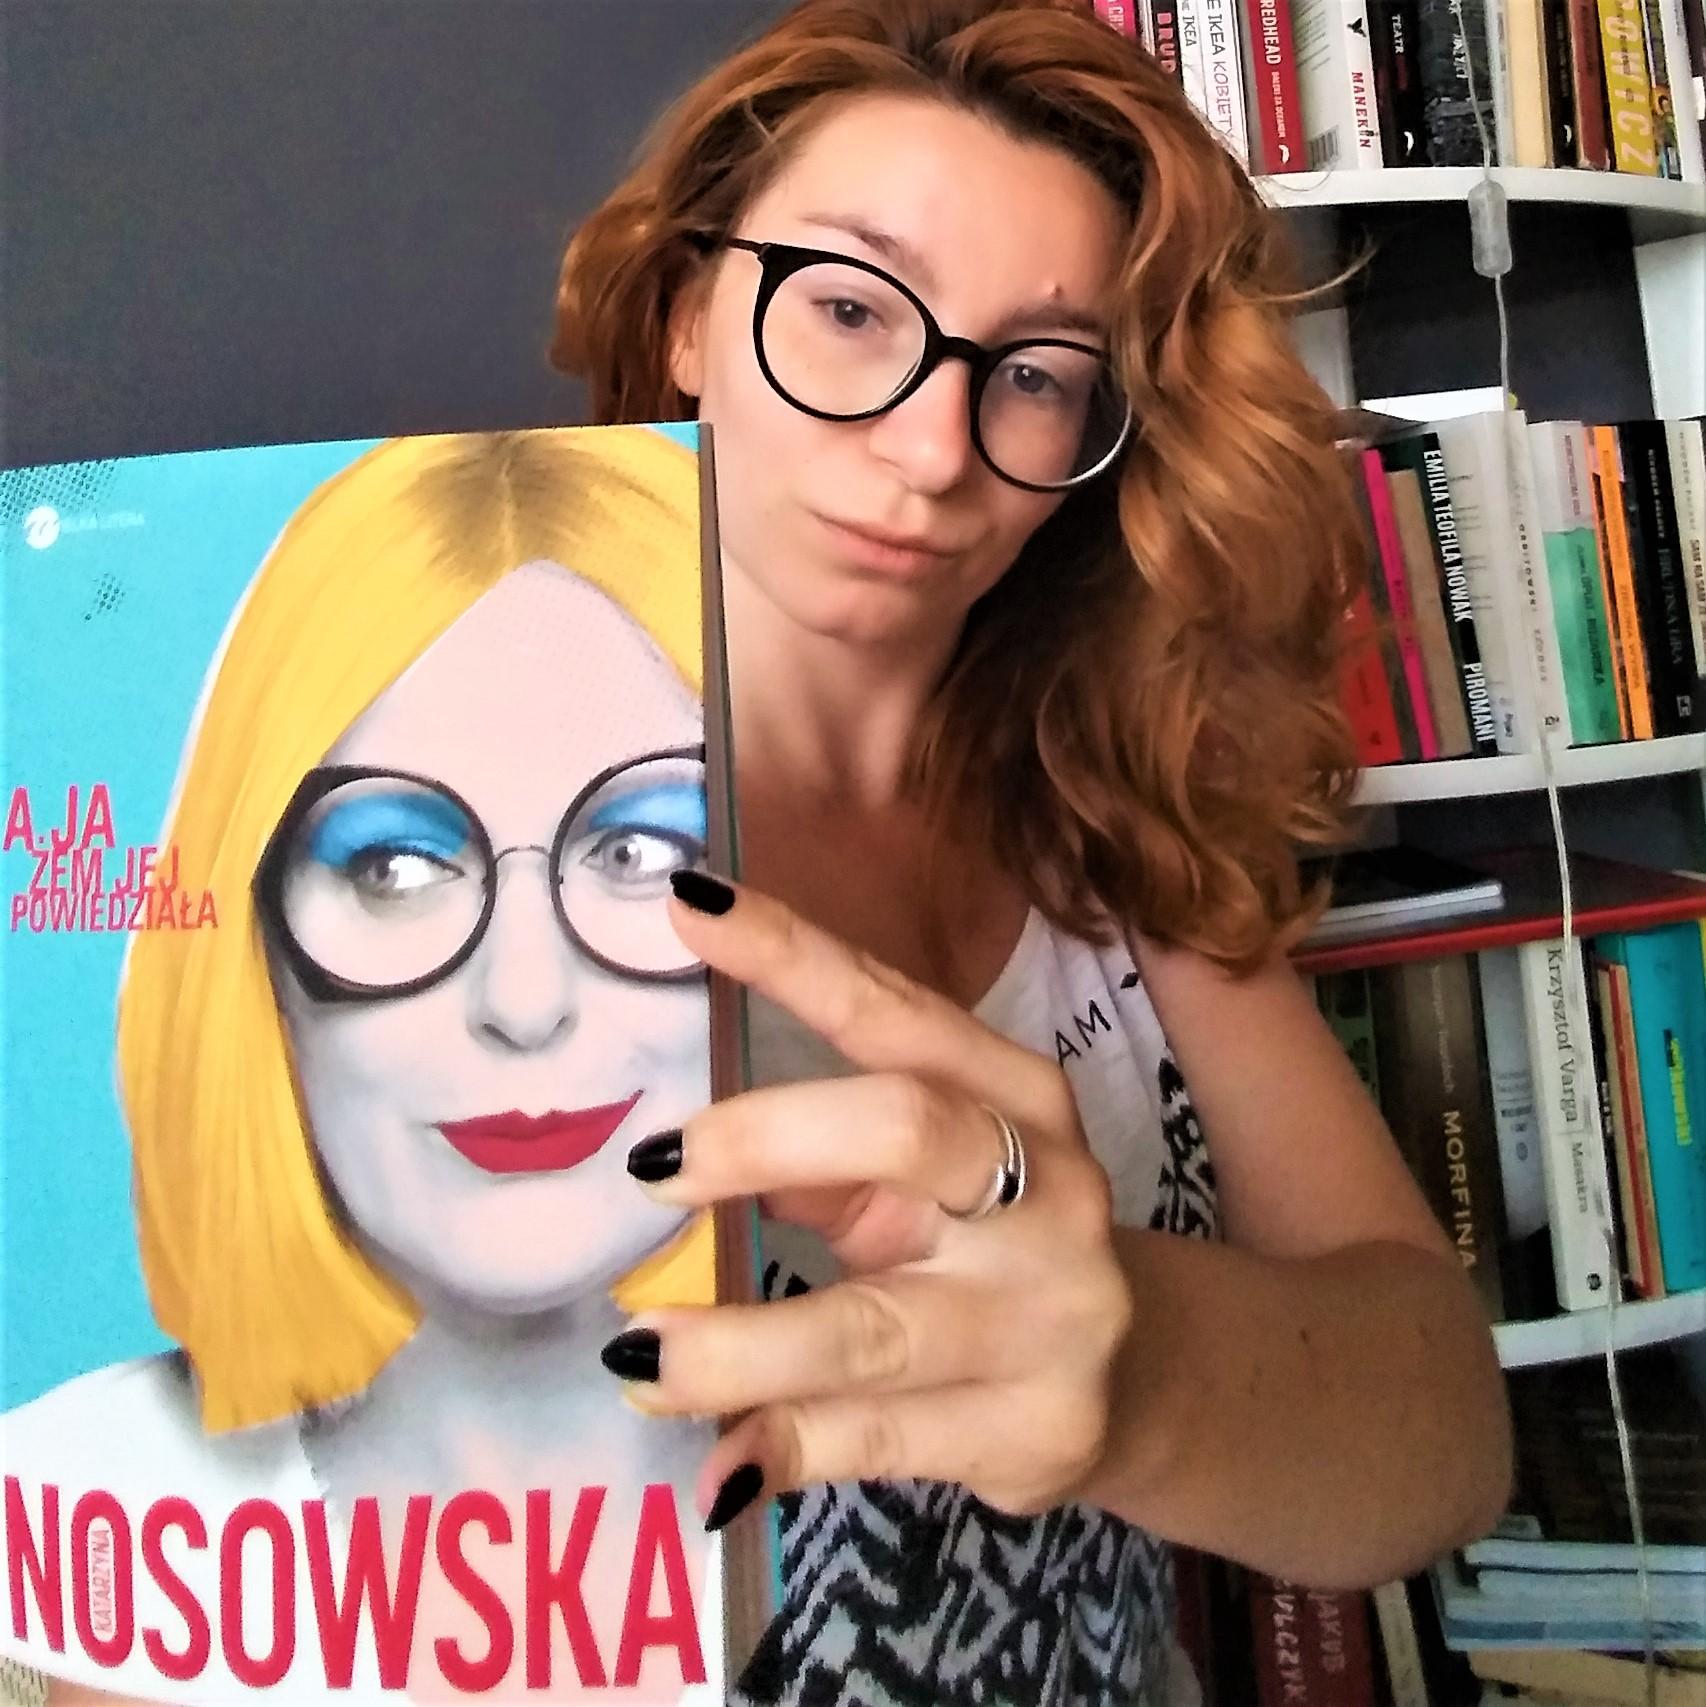 Katarzyna Nosowska A ja żem jej powiedziała Fabryka Dygresji